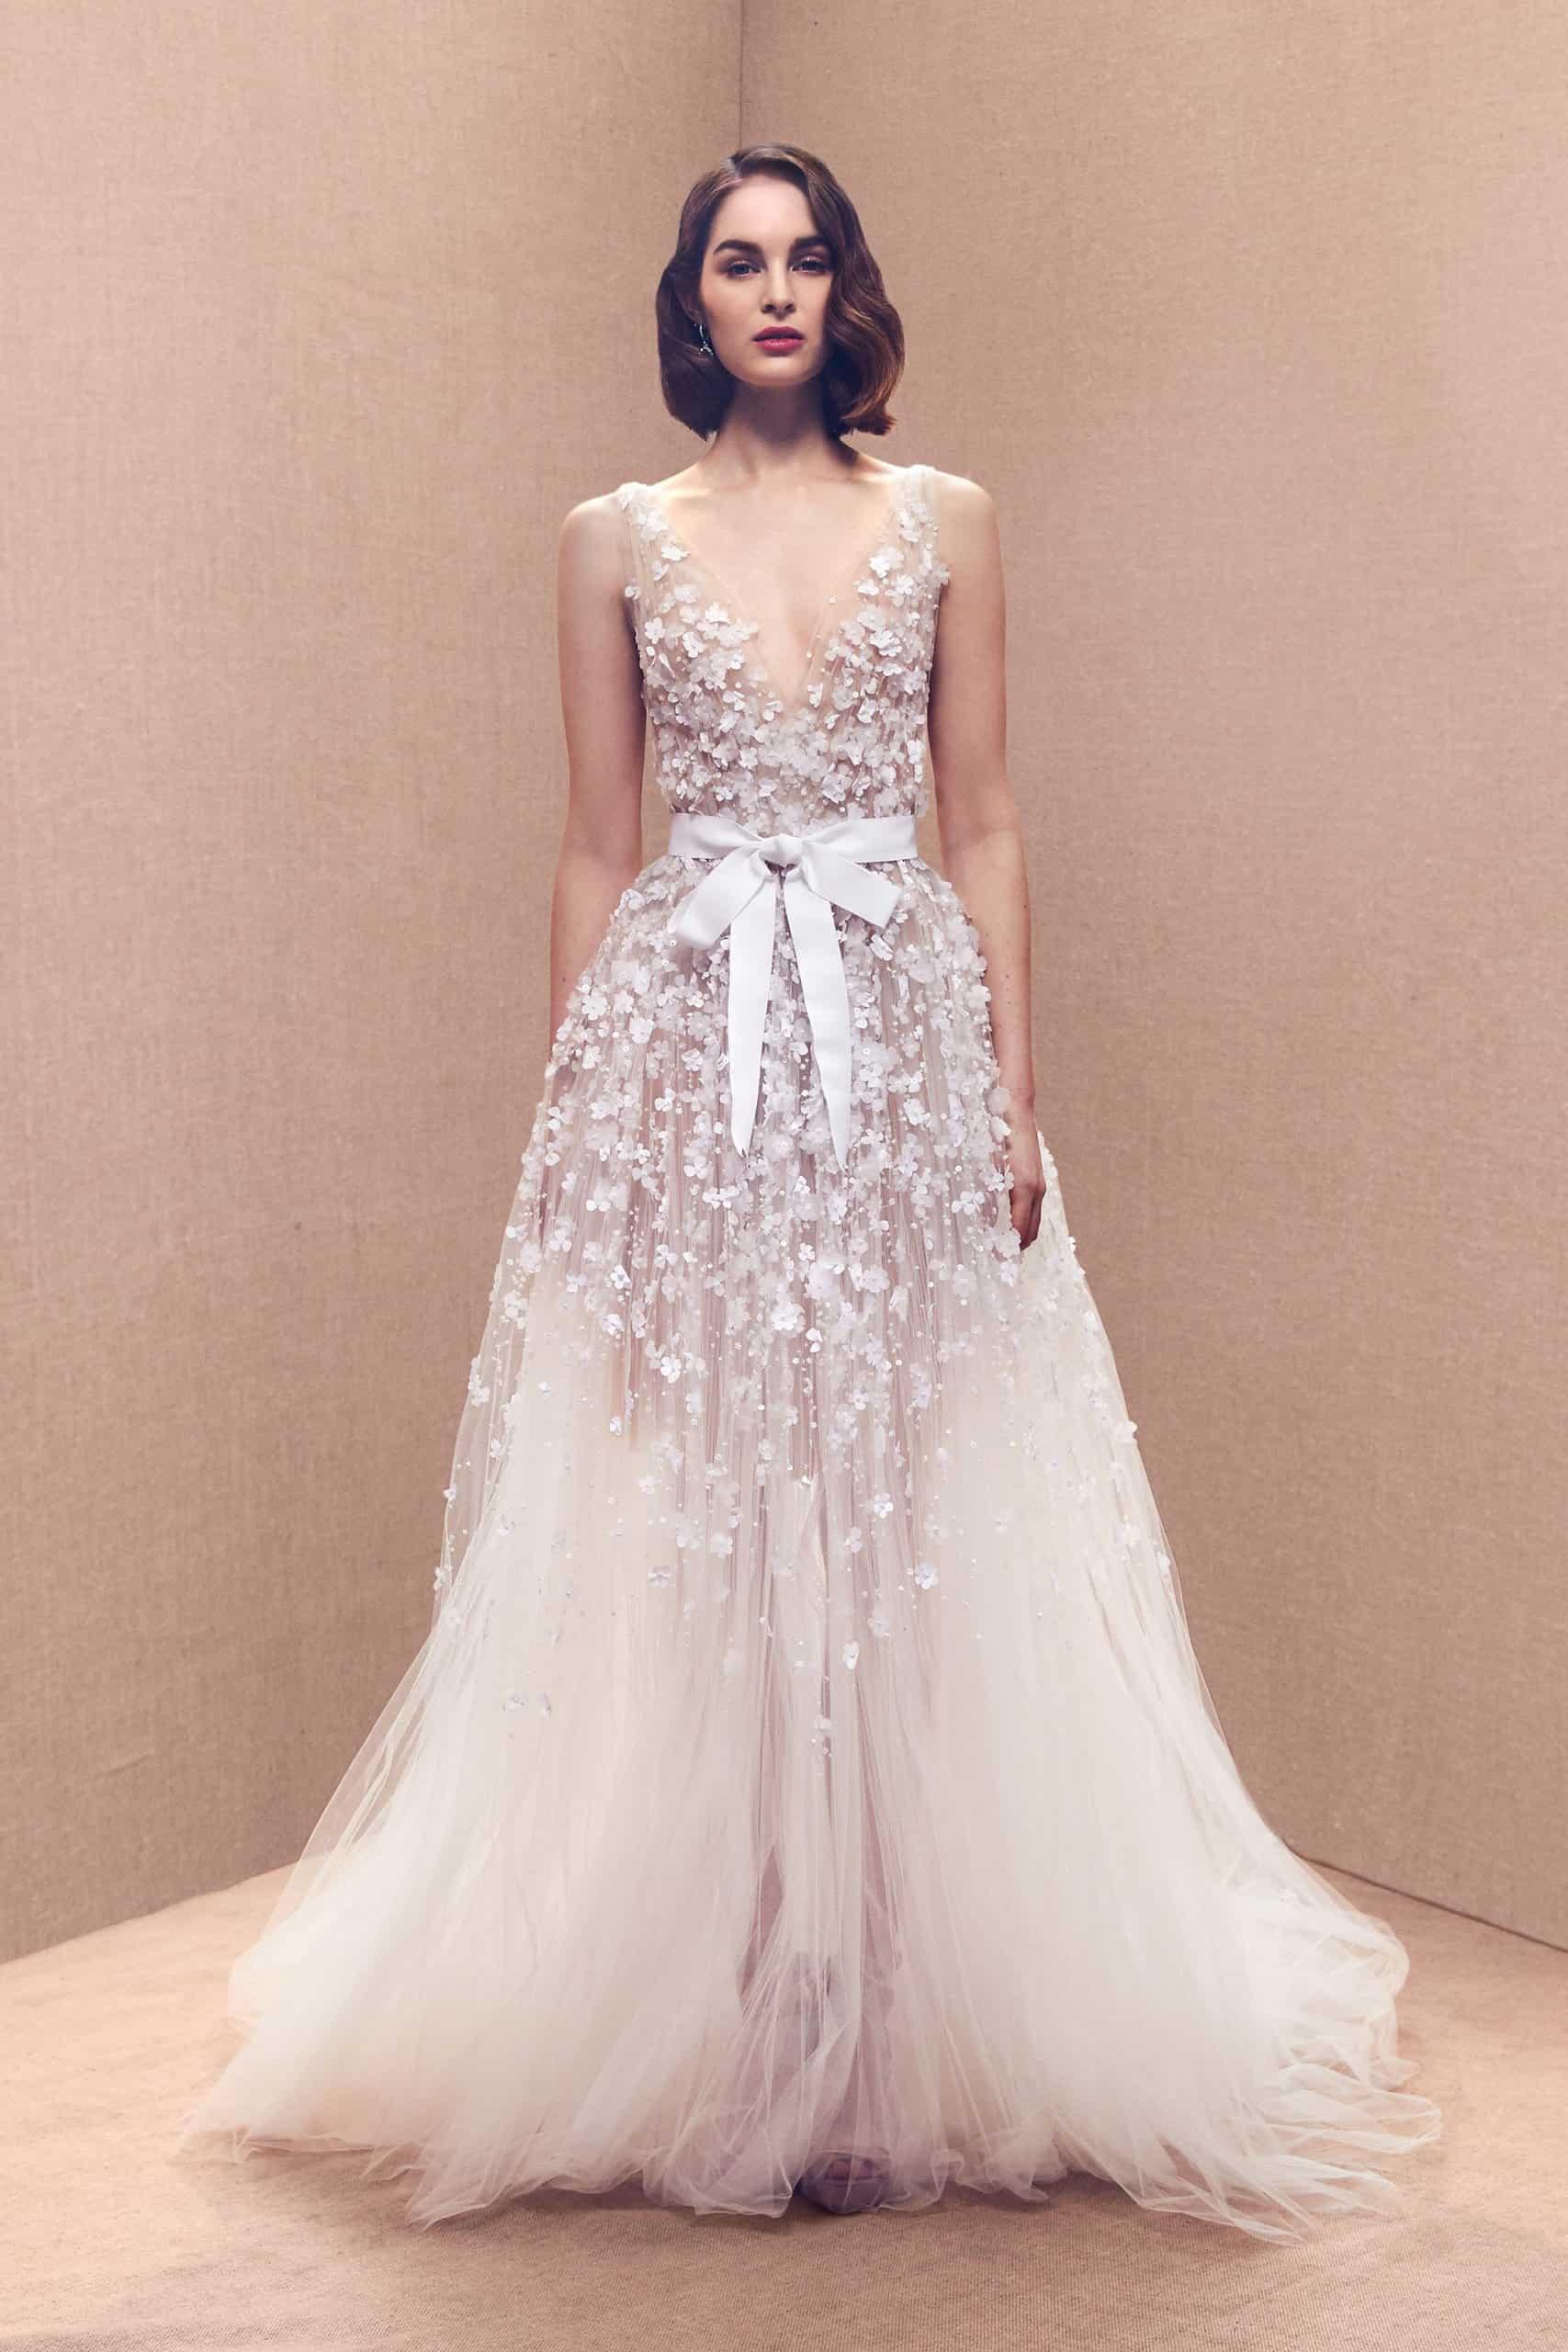 νυφικό φόρεμα από τούλη και τρισδιάστατα λουλούδια με ζώνη στη μέση από σατεν του Oscar de la Renta